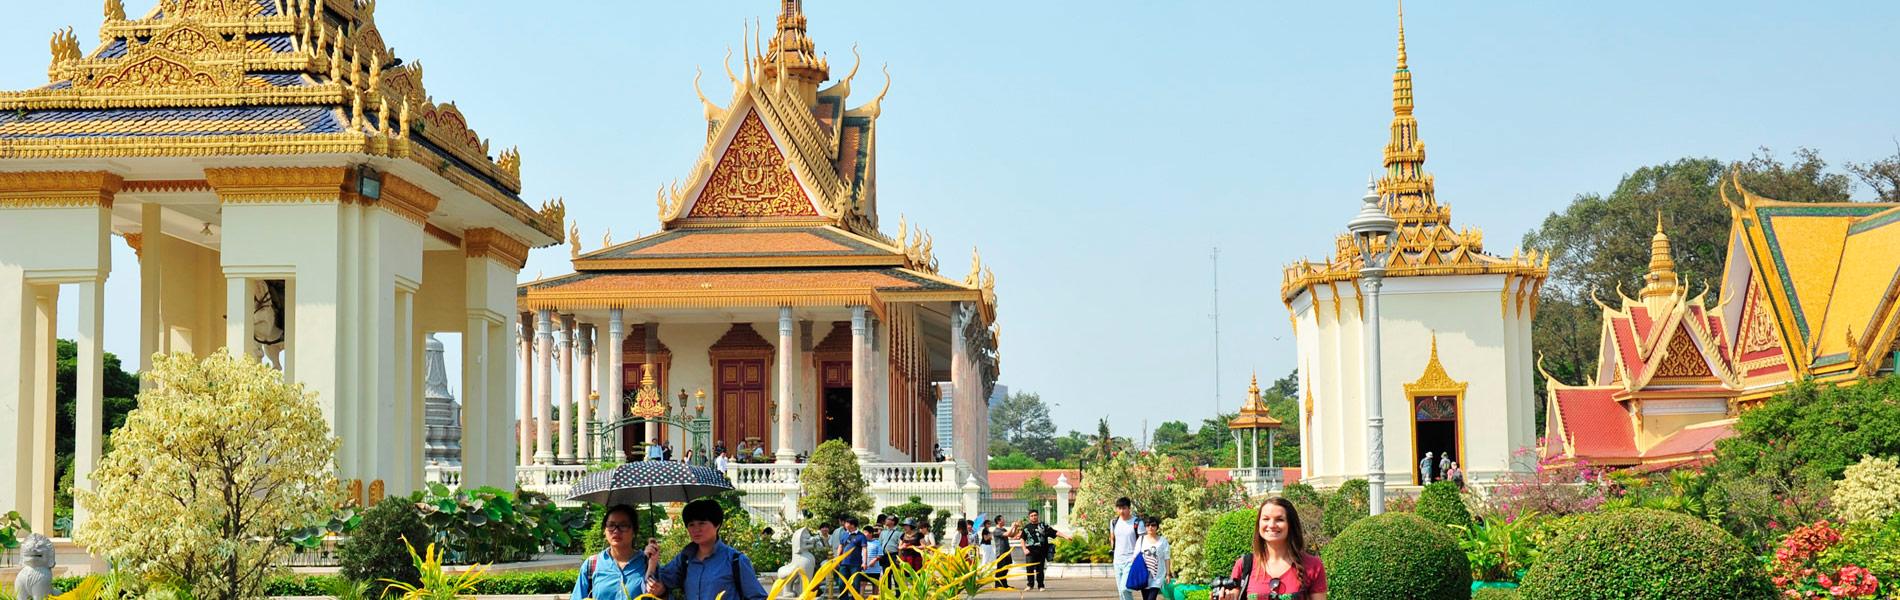 Cambodian Royal Palace